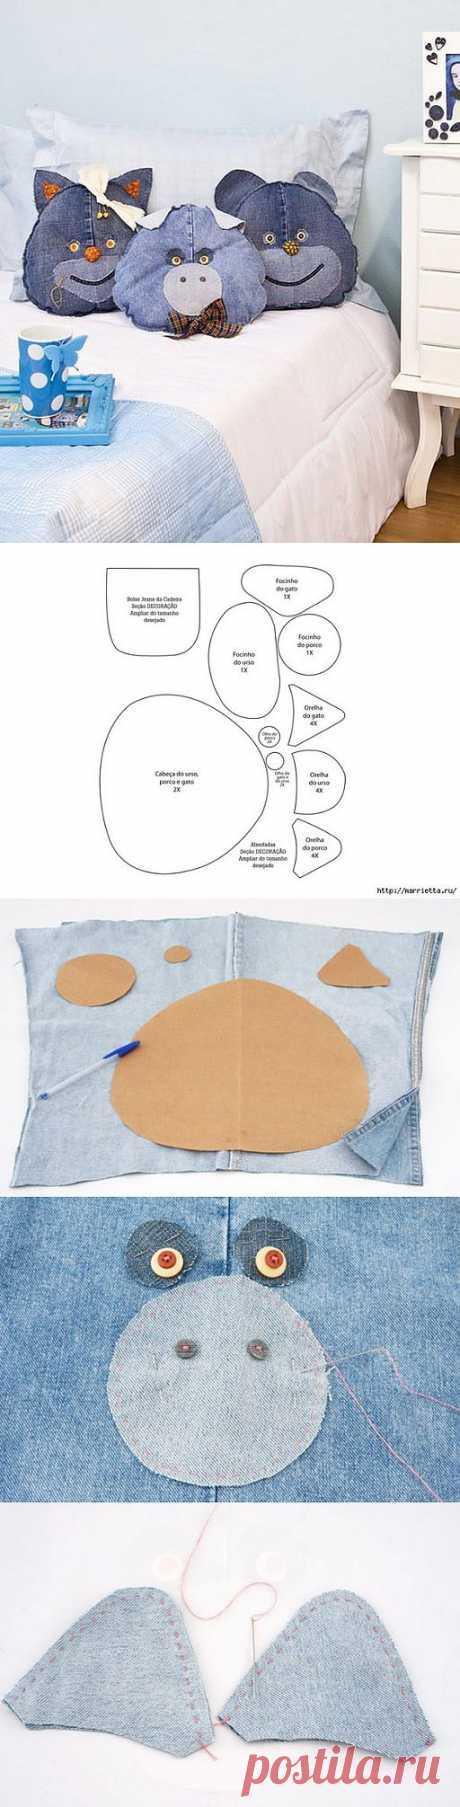 Детские подушки-игрушки из старых джинсов   Умелые ручки